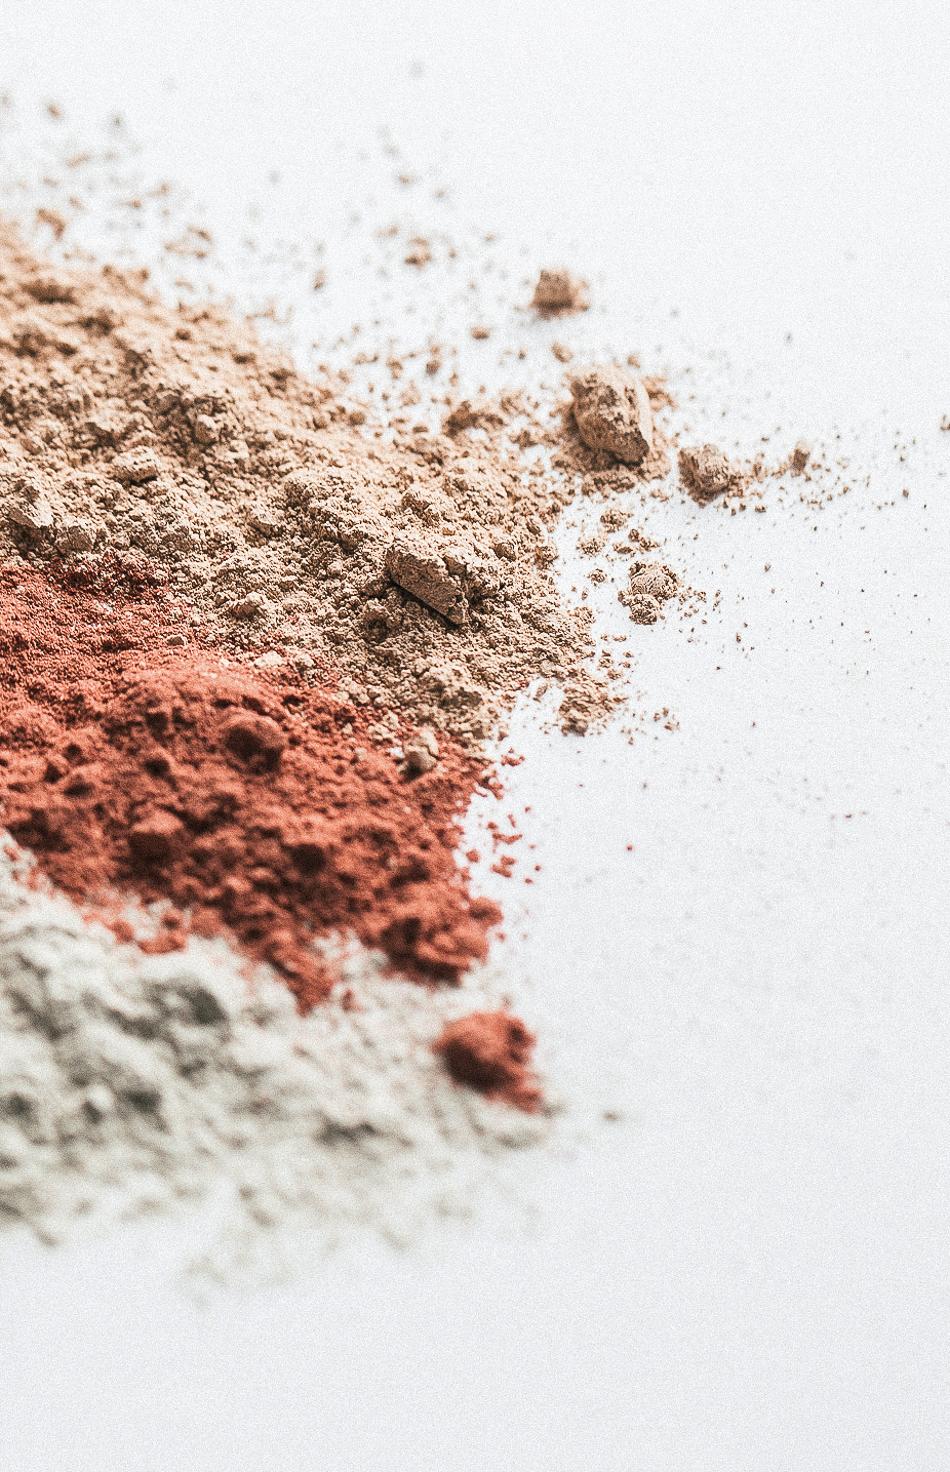 La cure d'argile en interne︱Le médicament polyvalent